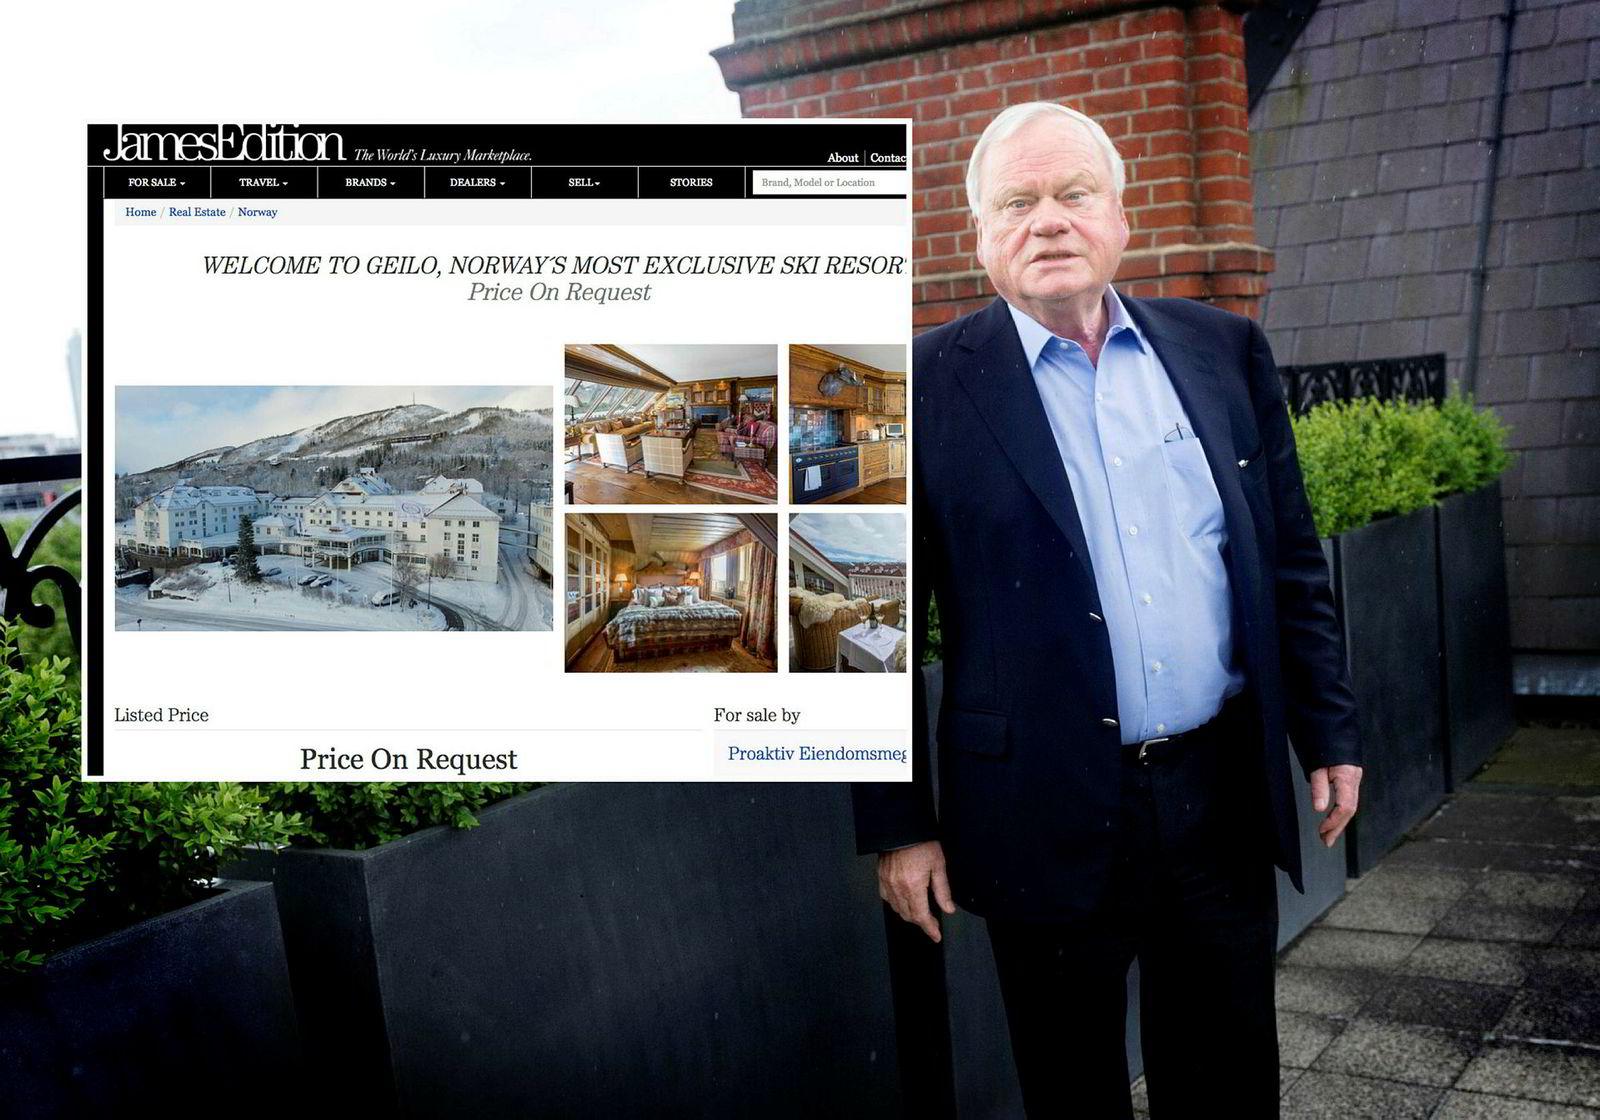 I tillegg til annonsering i norske medier, ble John Fredriksens luksusleilighet til 27 millioner kroner også lagt ut på Jamesedition, en global luksusversjon av Finn.no, der prisantydningen var «price on request».